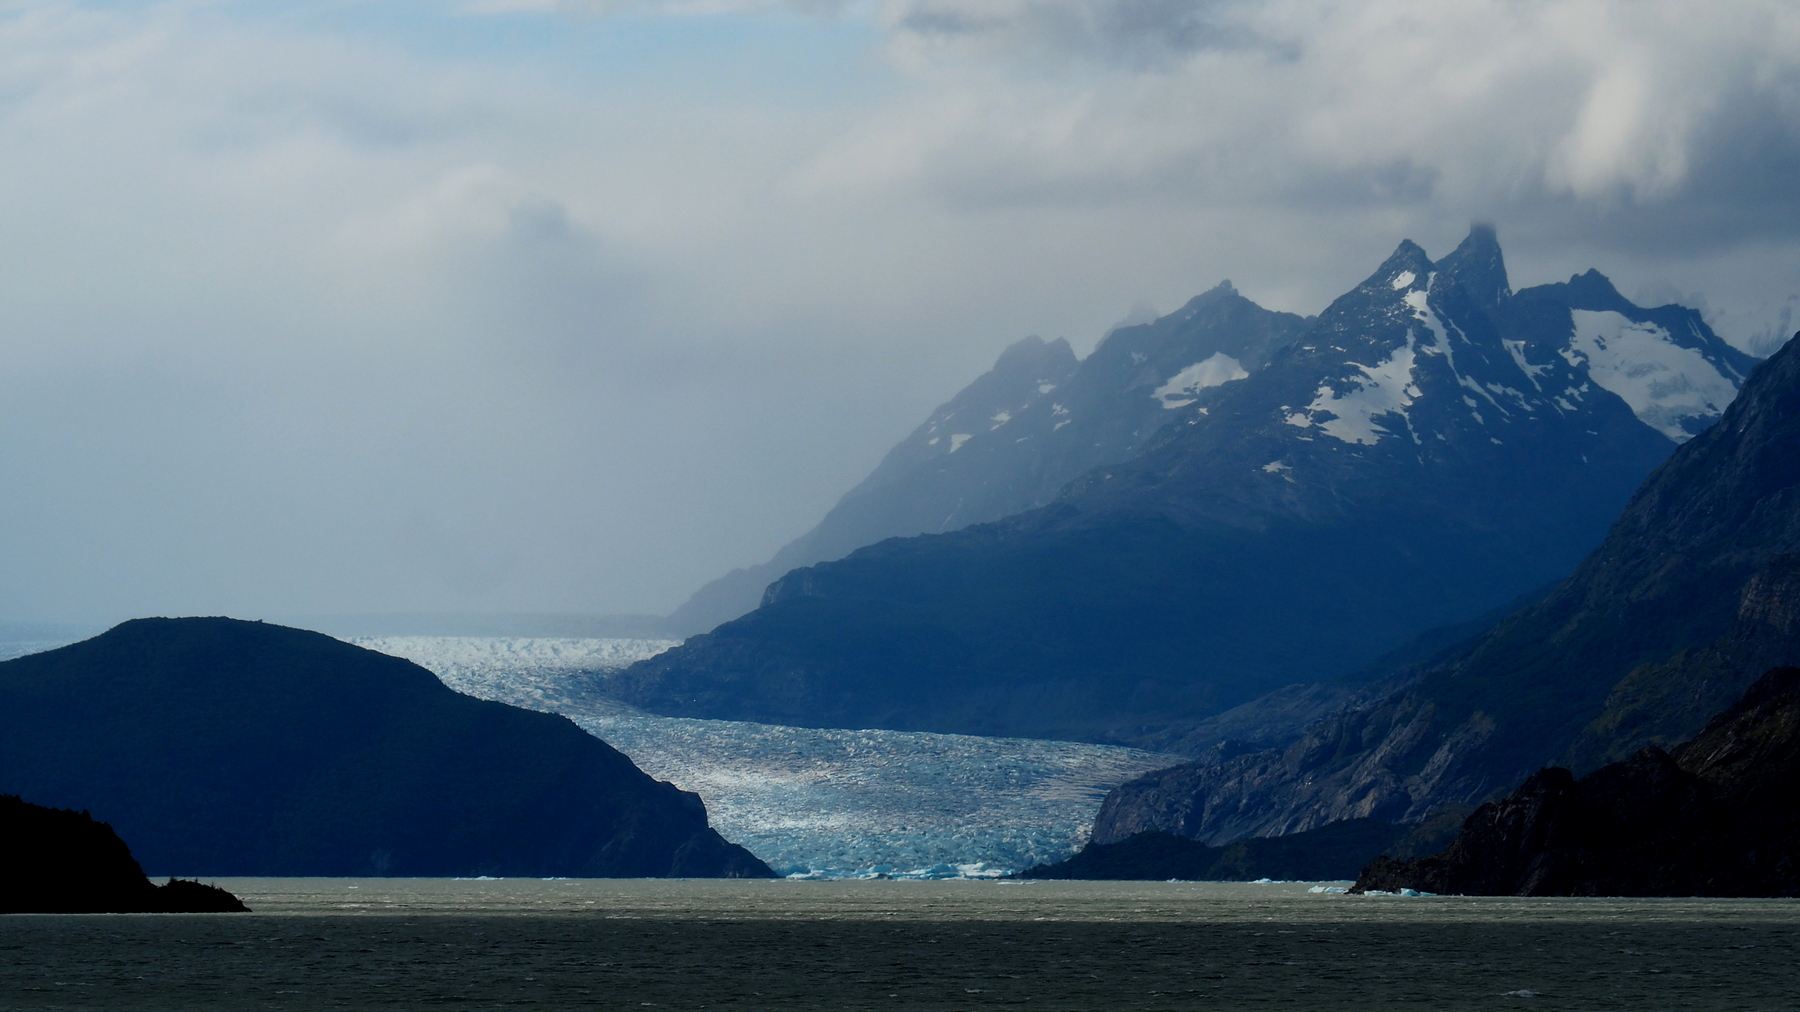 Blick mit dem Tele auf den Gletscher am anderen Ende des Sees